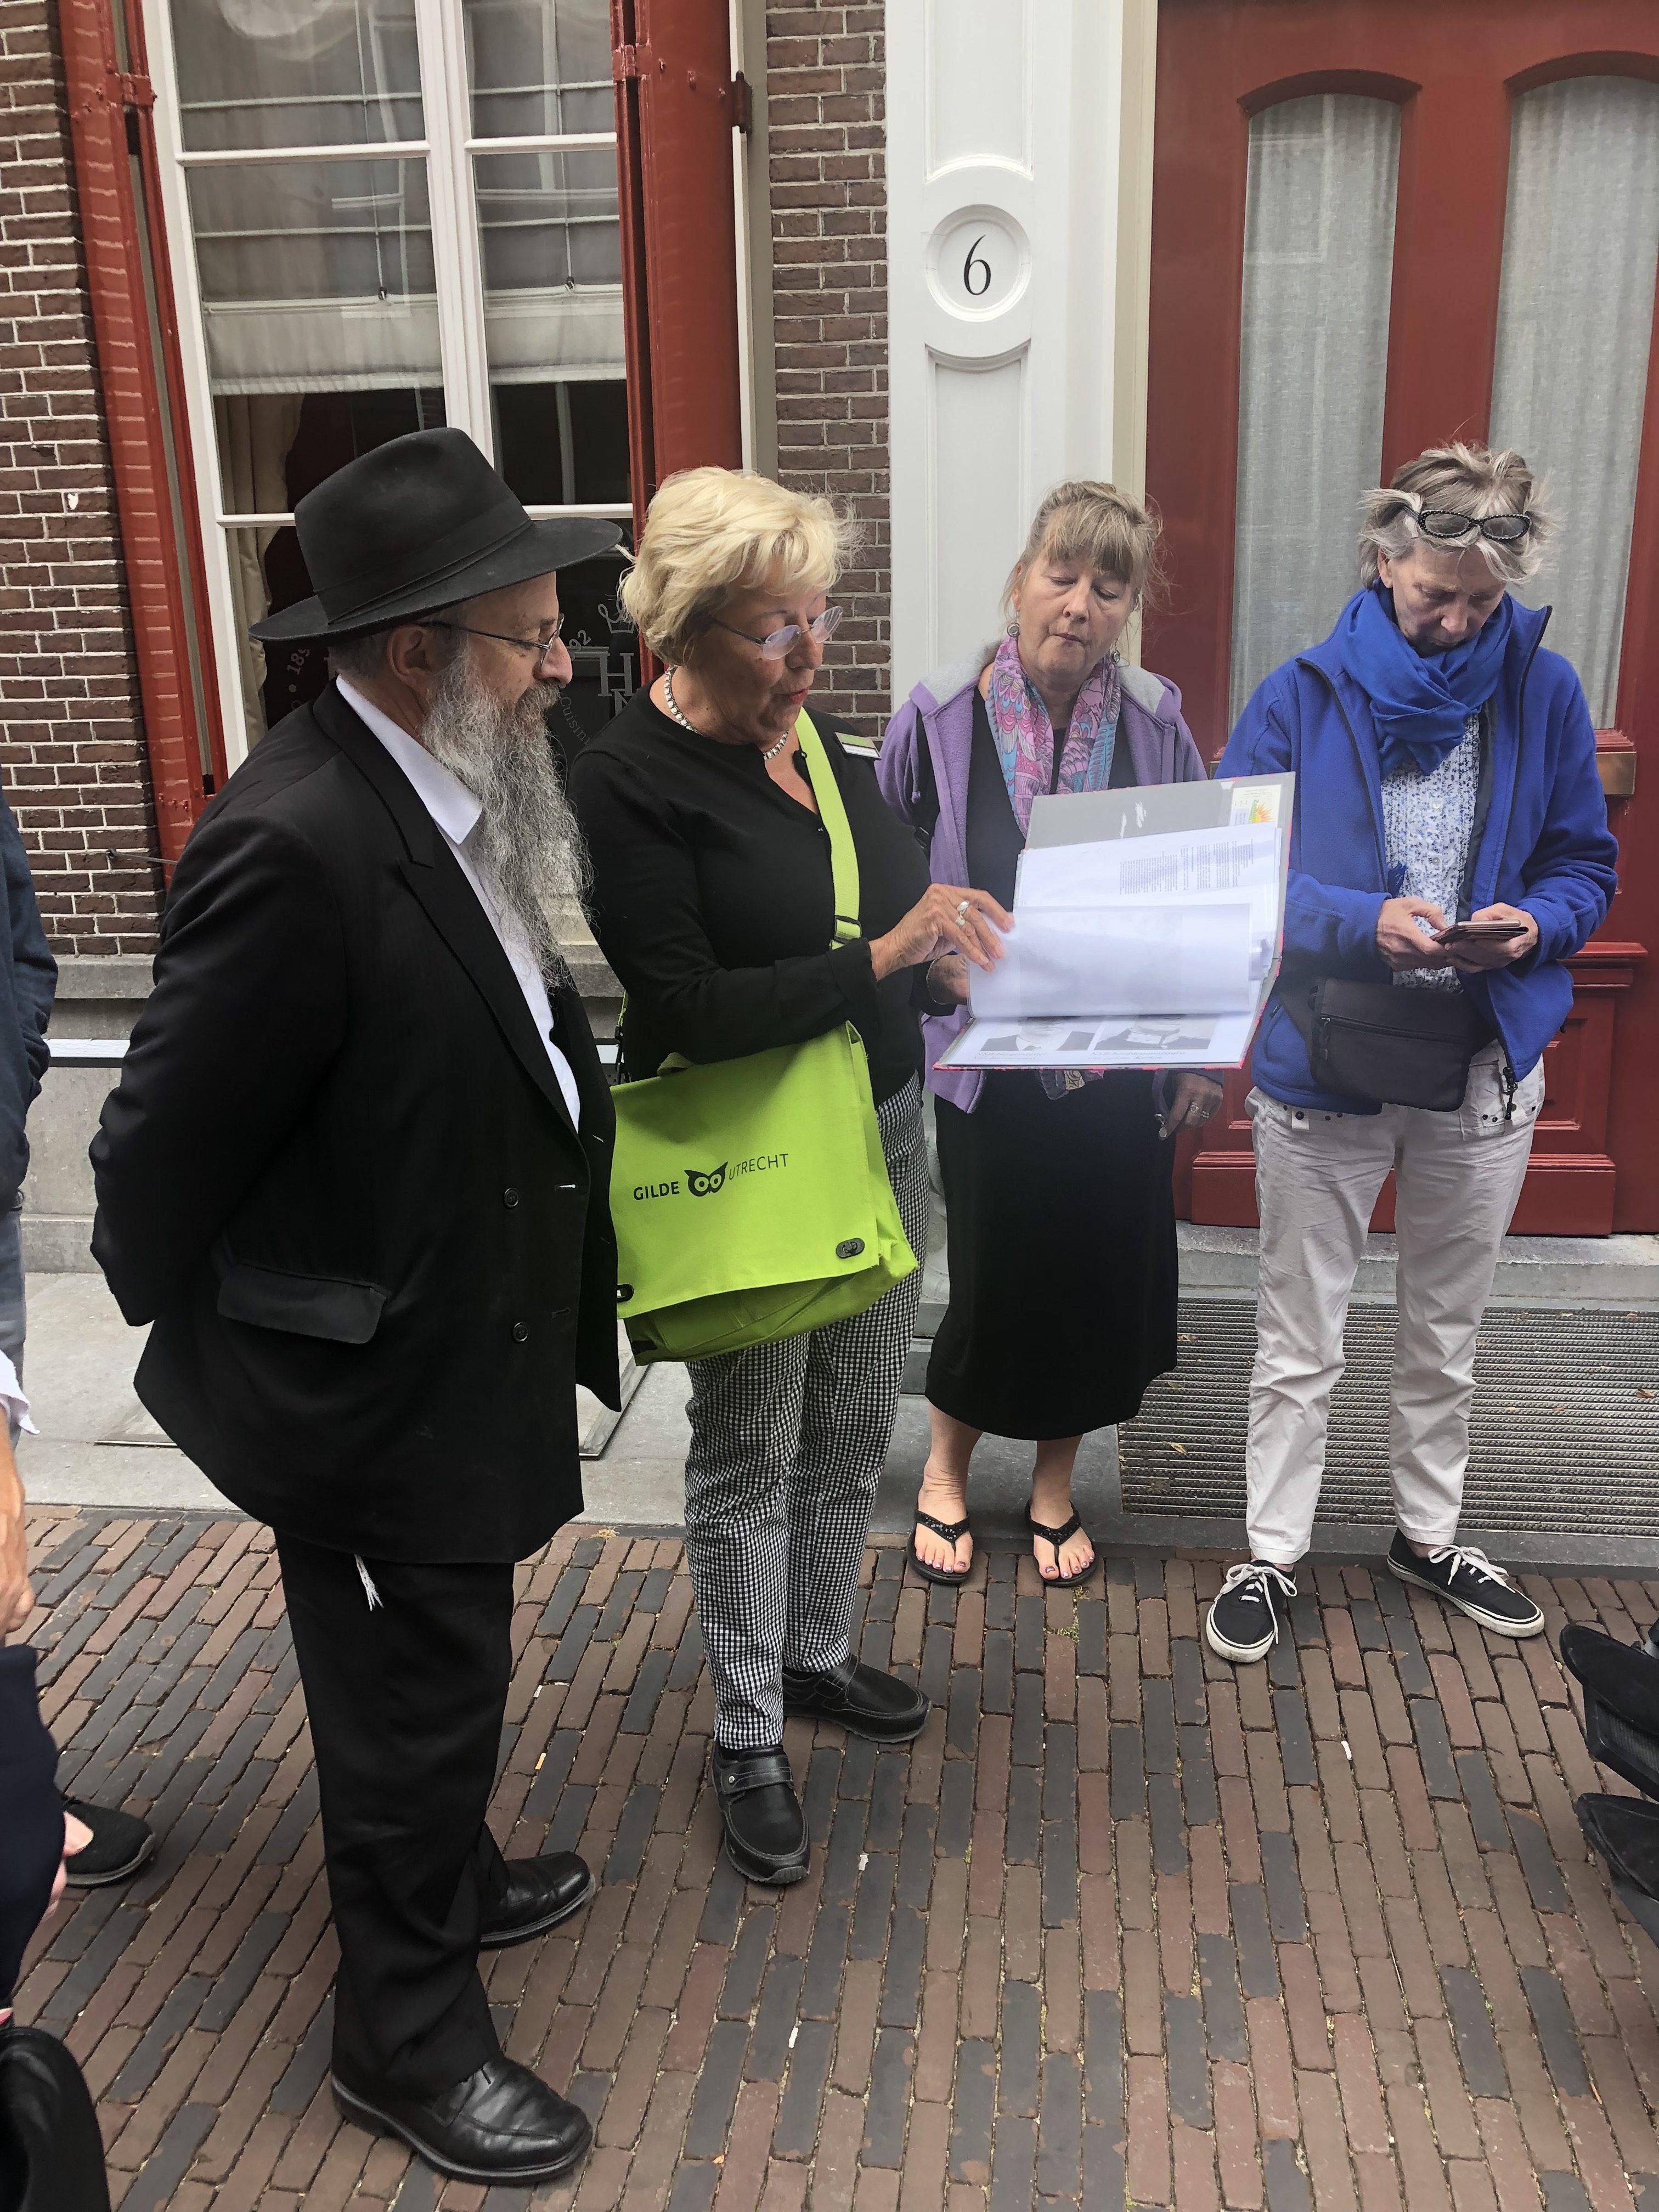 Nieuws Archieven Vrienden Van De Joodse Gemeenschap Utrecht